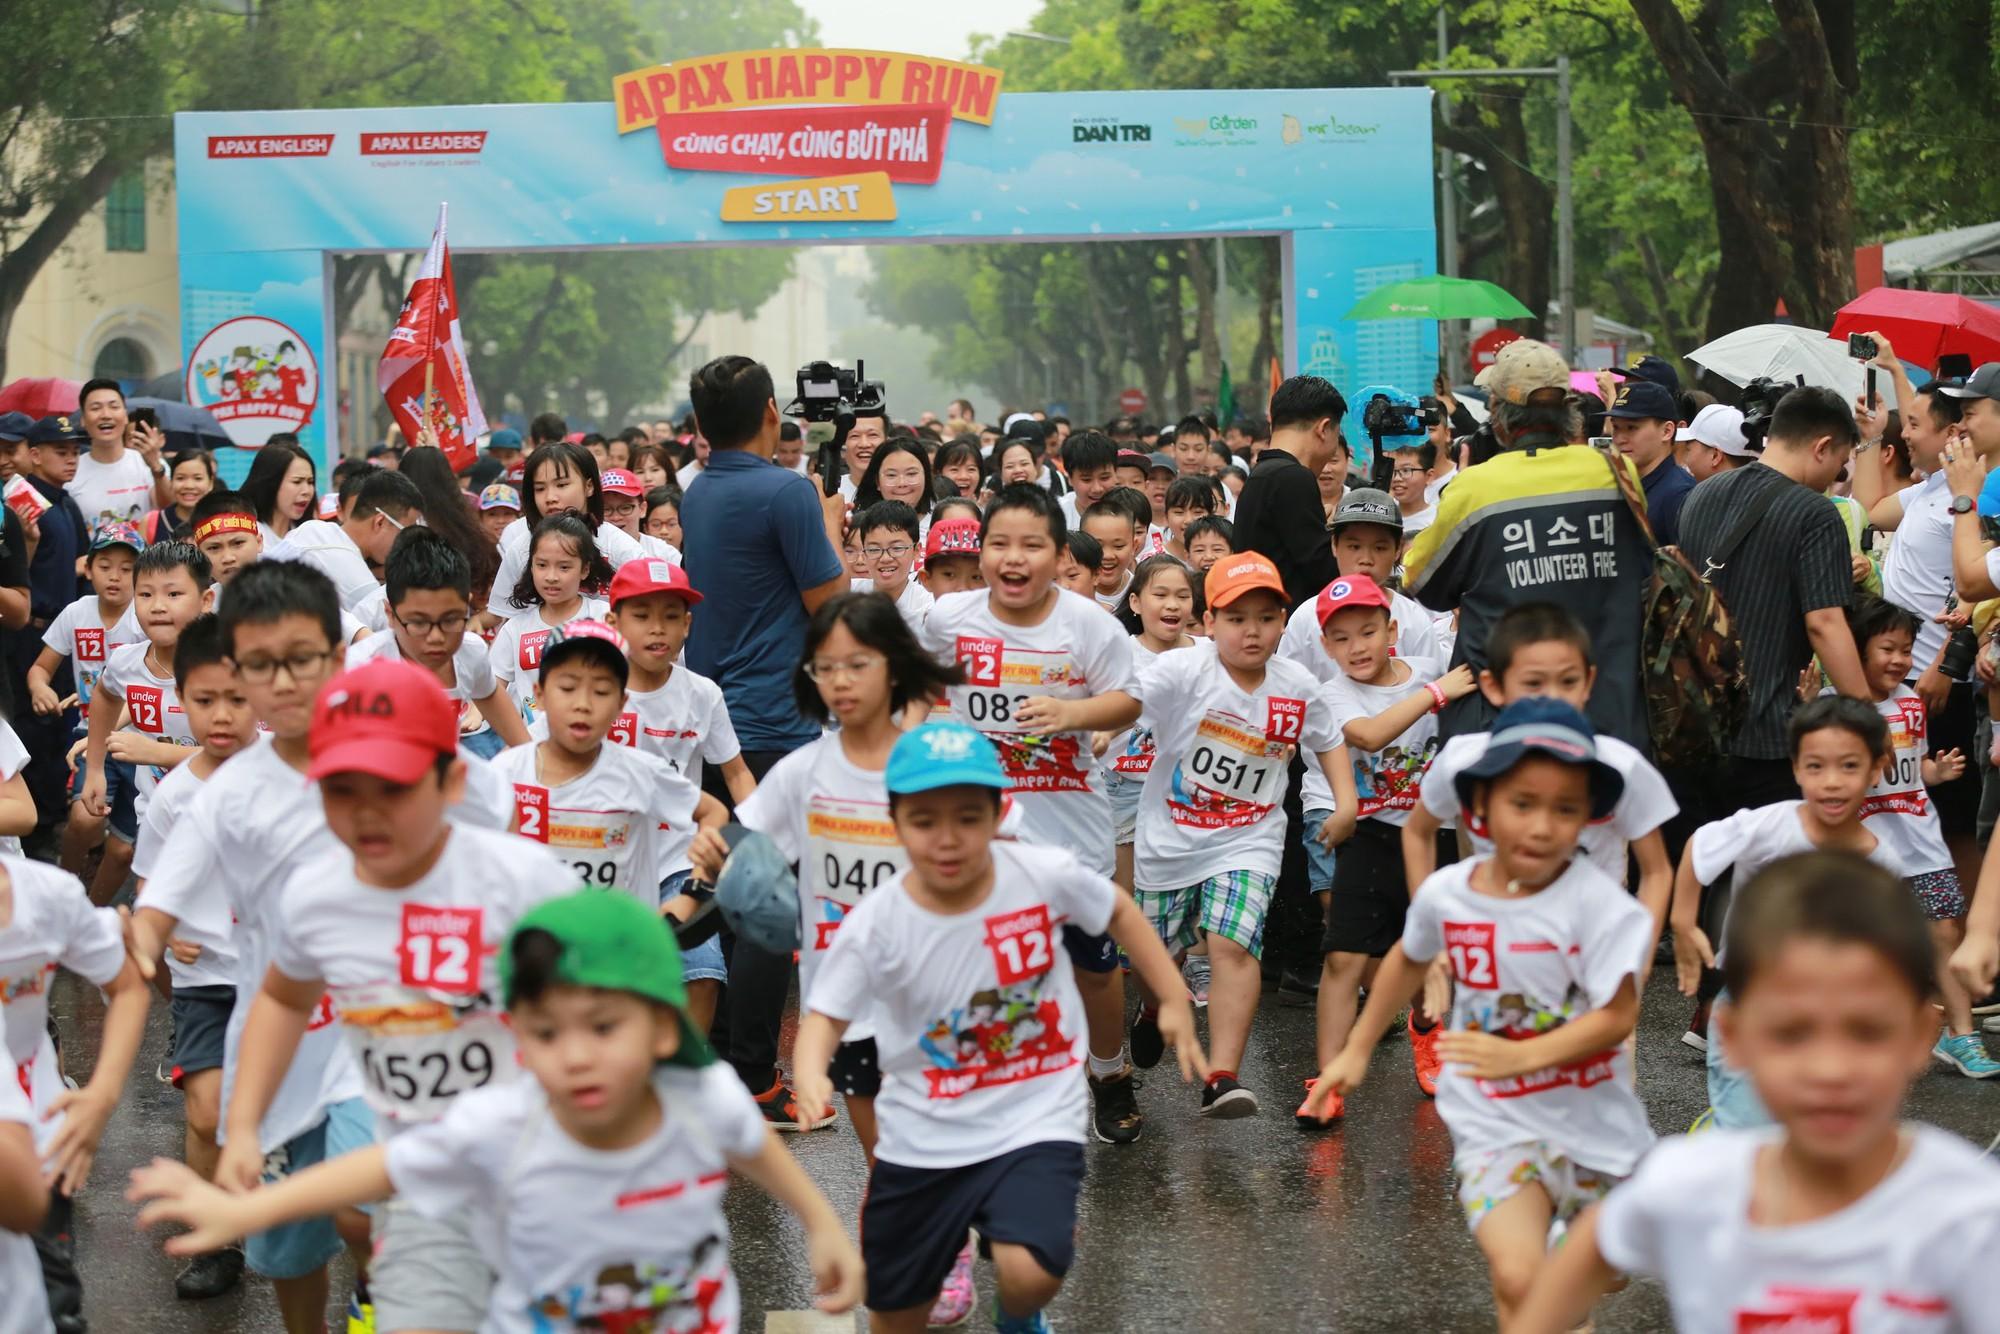 """Bống """"chè bưởi"""" cùng bạn học tổ chức thành công giải chạy marathon, quyên tiền xây trường cho học sinh vùng cao - Ảnh 8."""